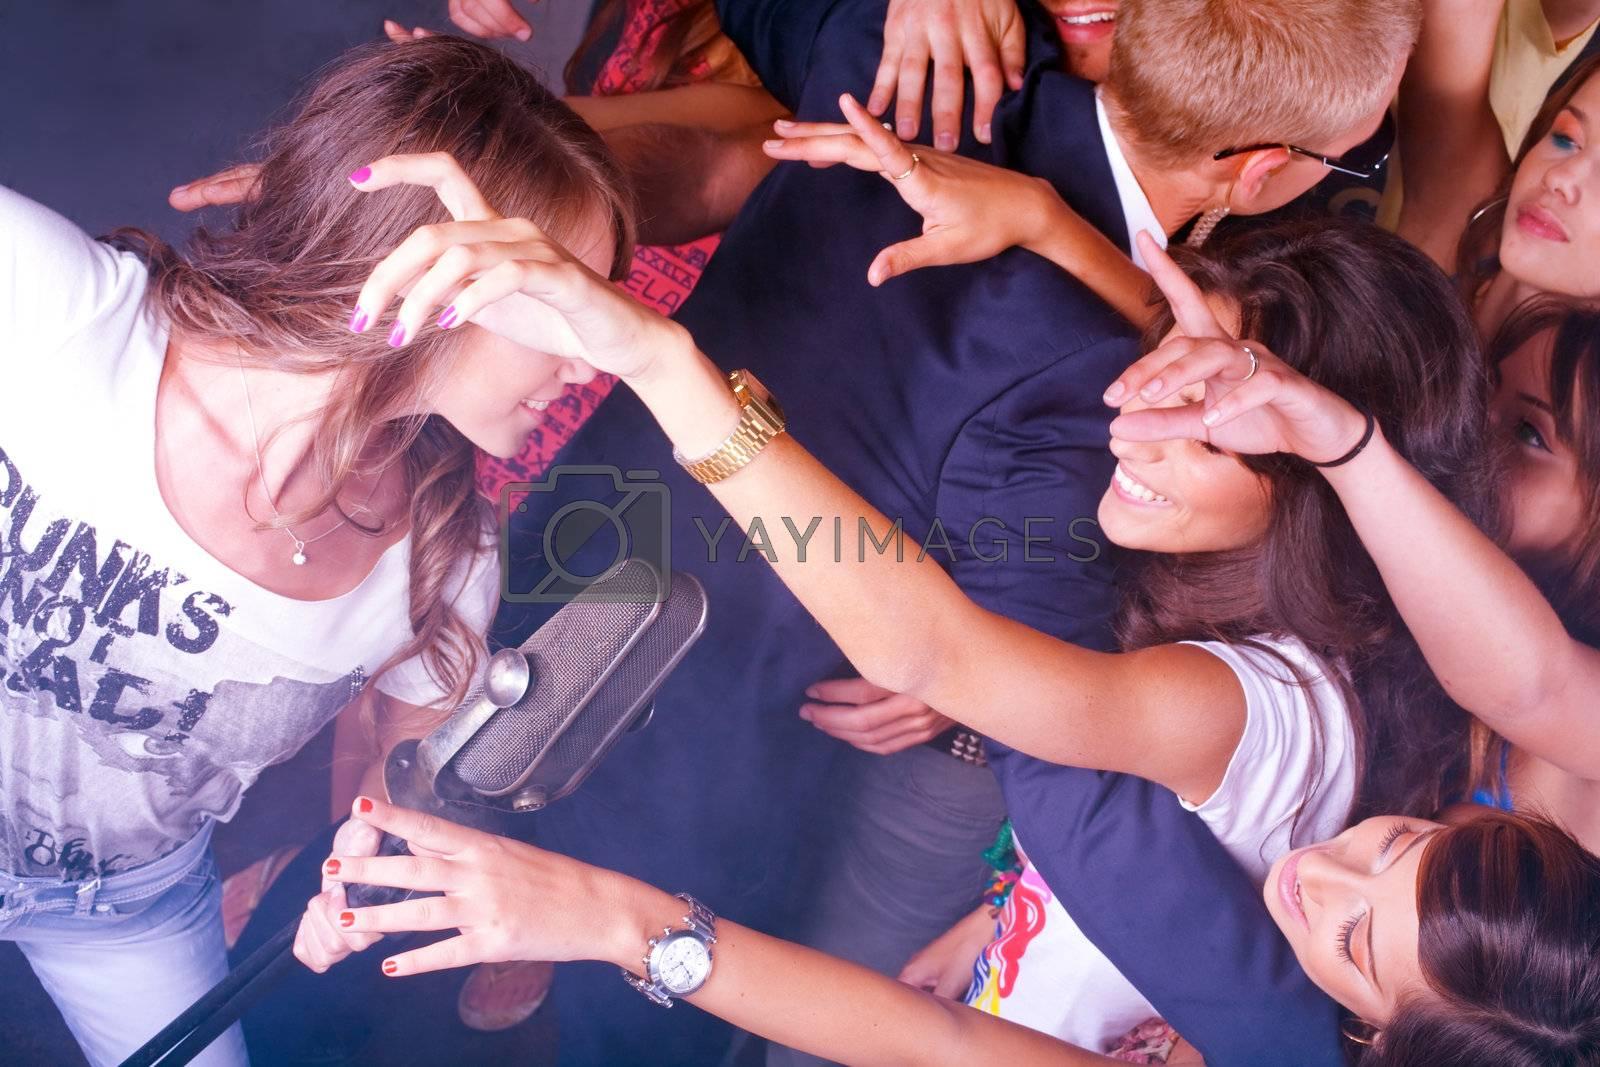 Karaoke girl performing in night club by get4net